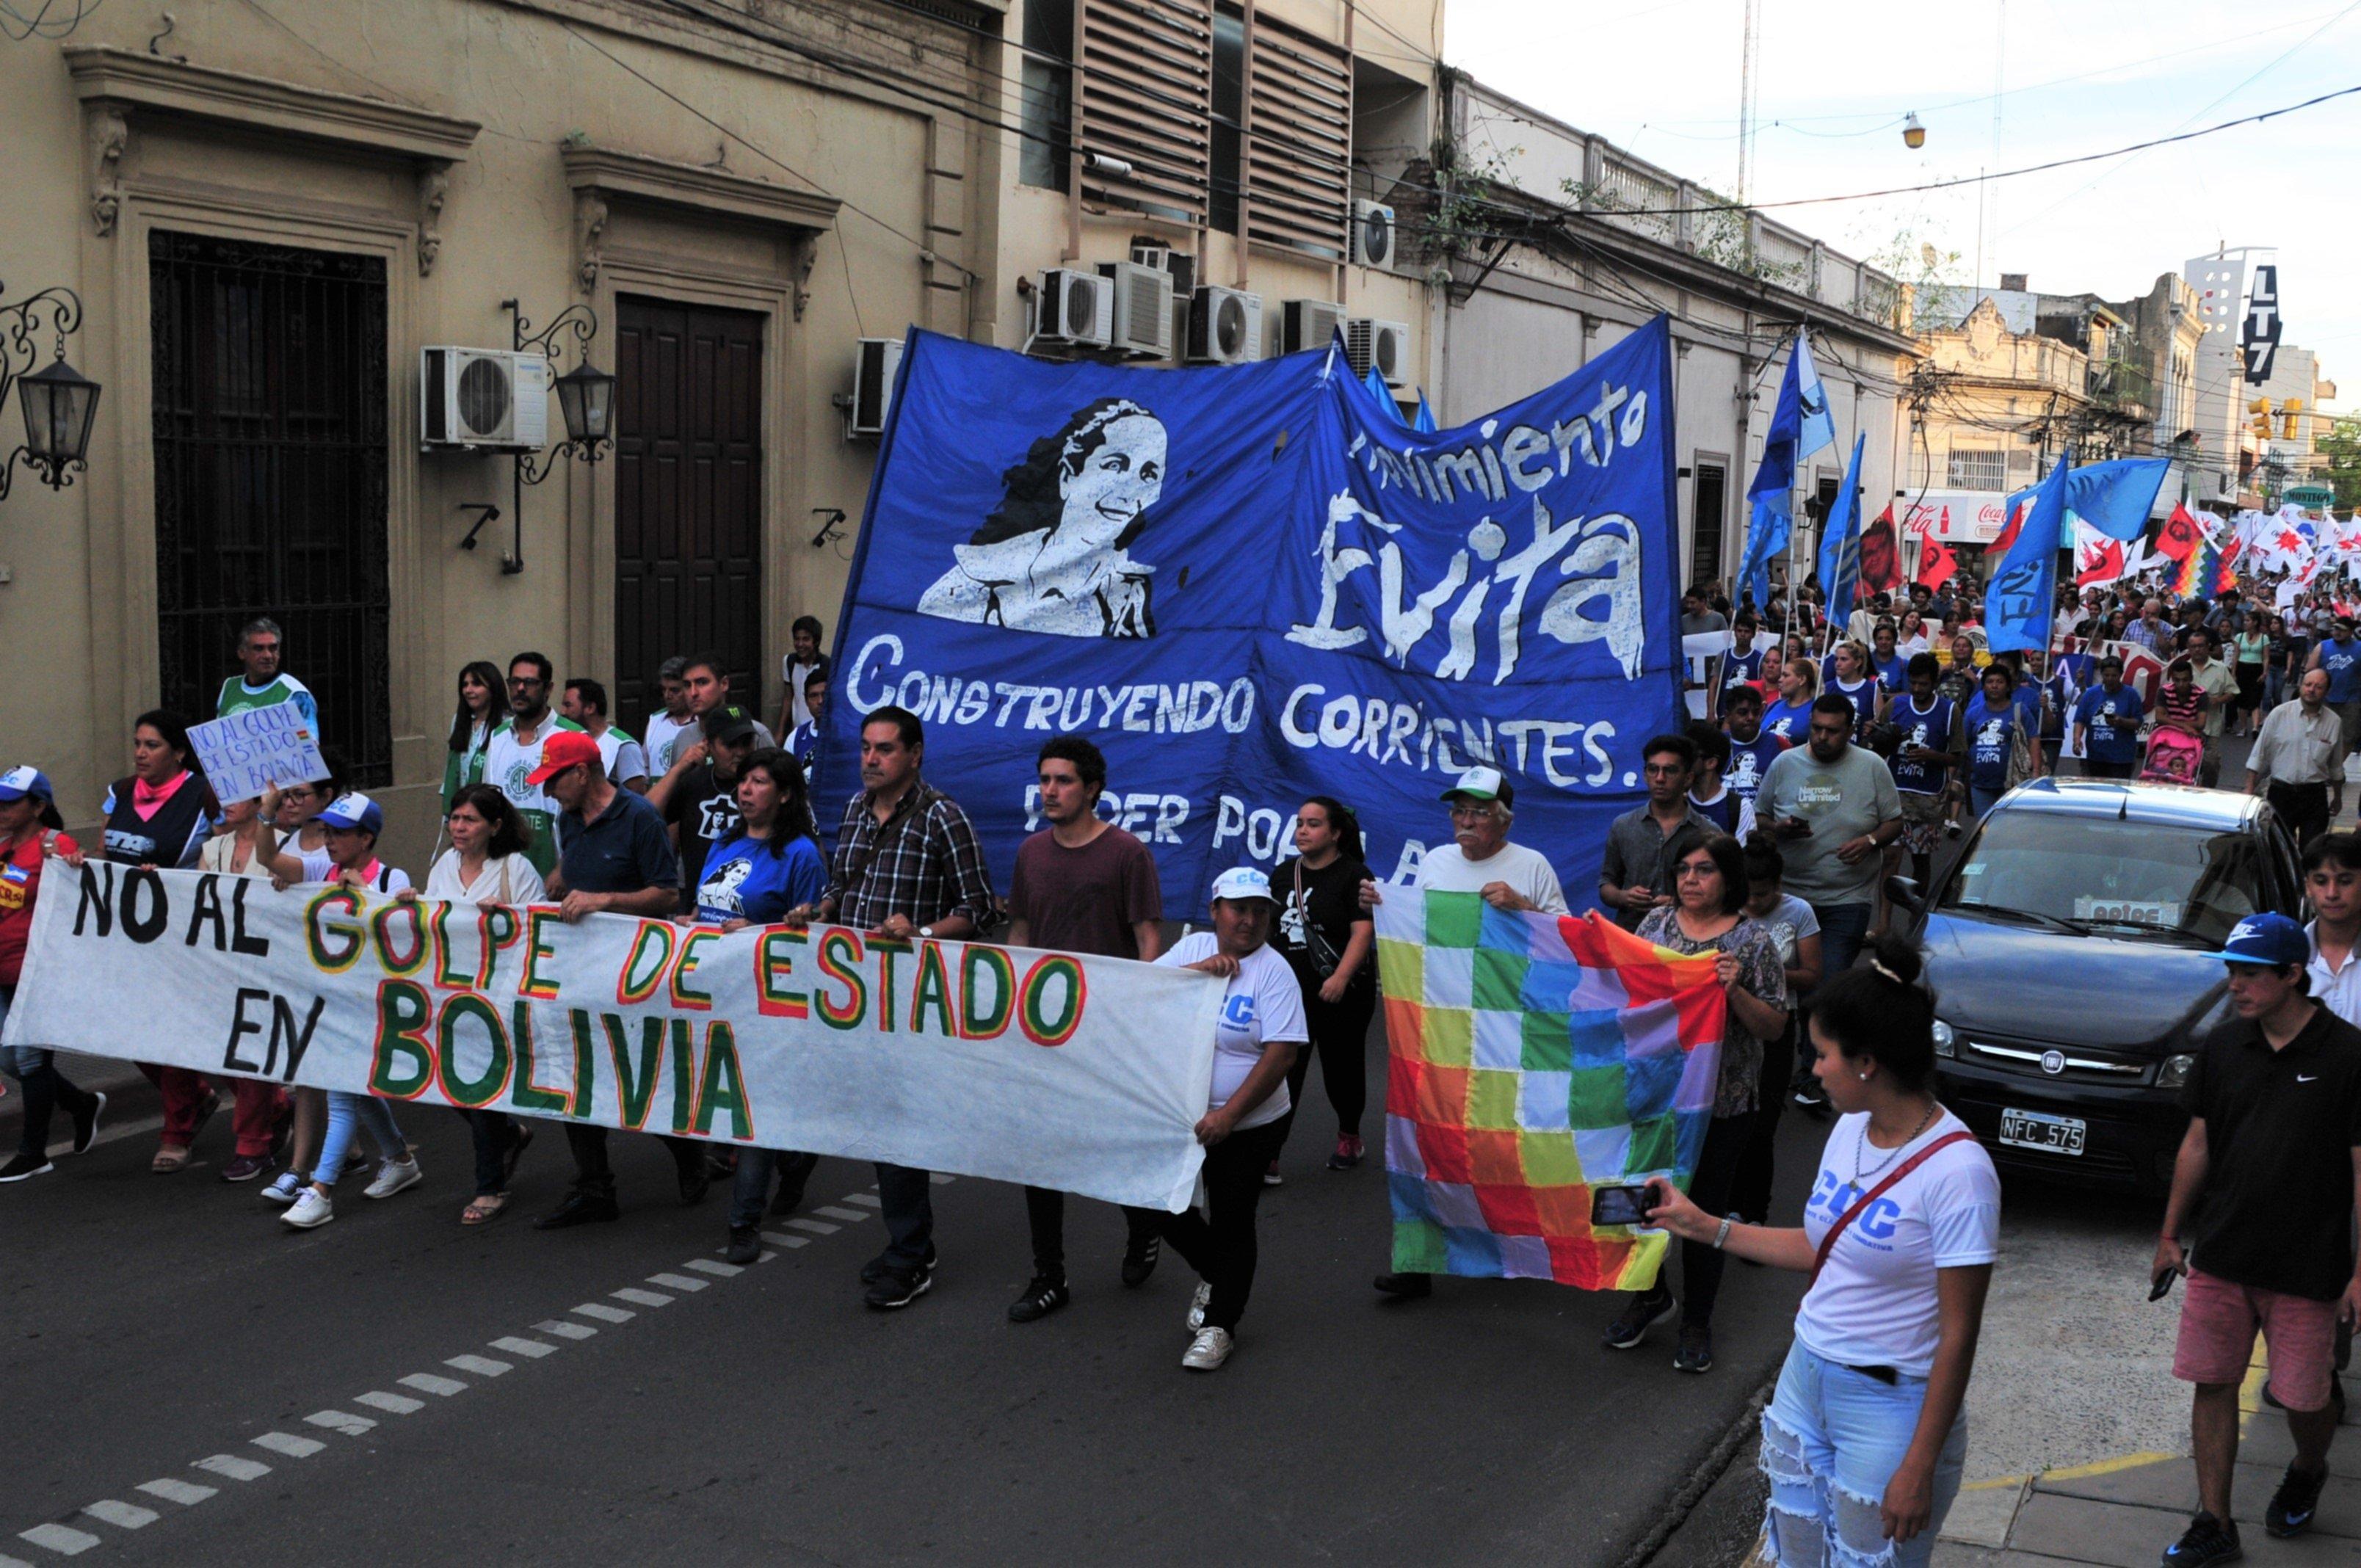 Organizaciones sociales y políticas marcharon contra el golpe en Bolivia -  El litoral